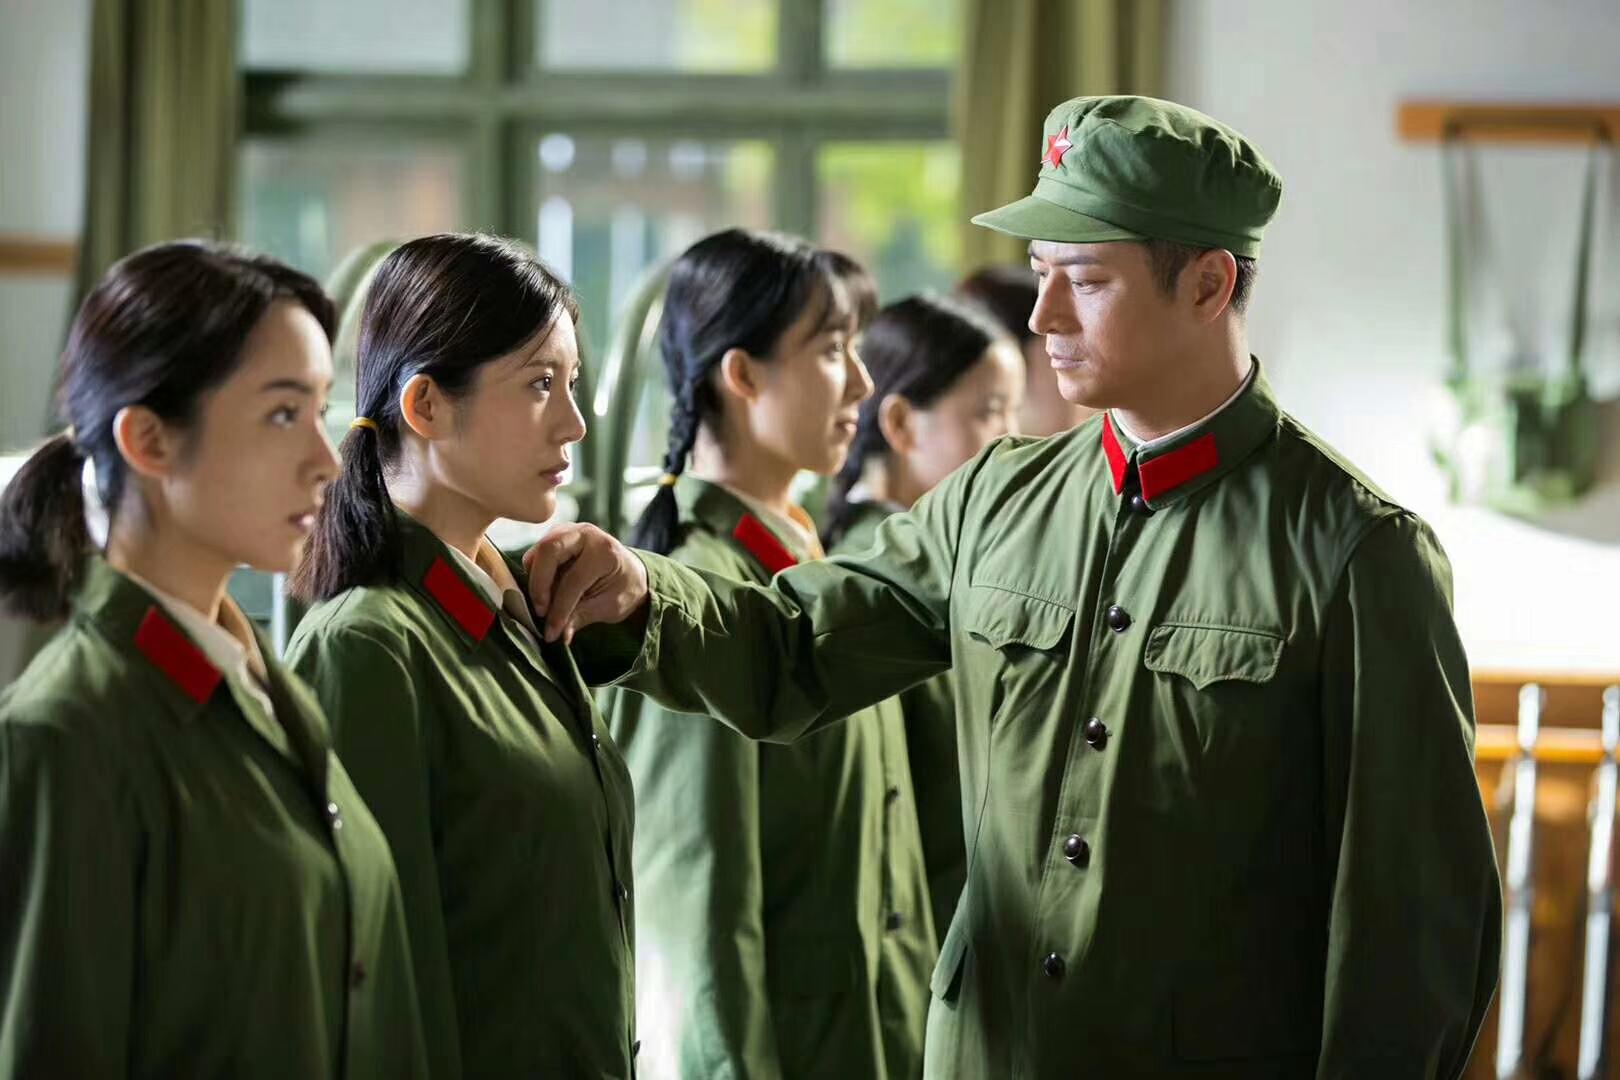 Jiangguo Lin, Jingjing Wu, Shine Yang, and Jing Wang in Into the Sky (2017)